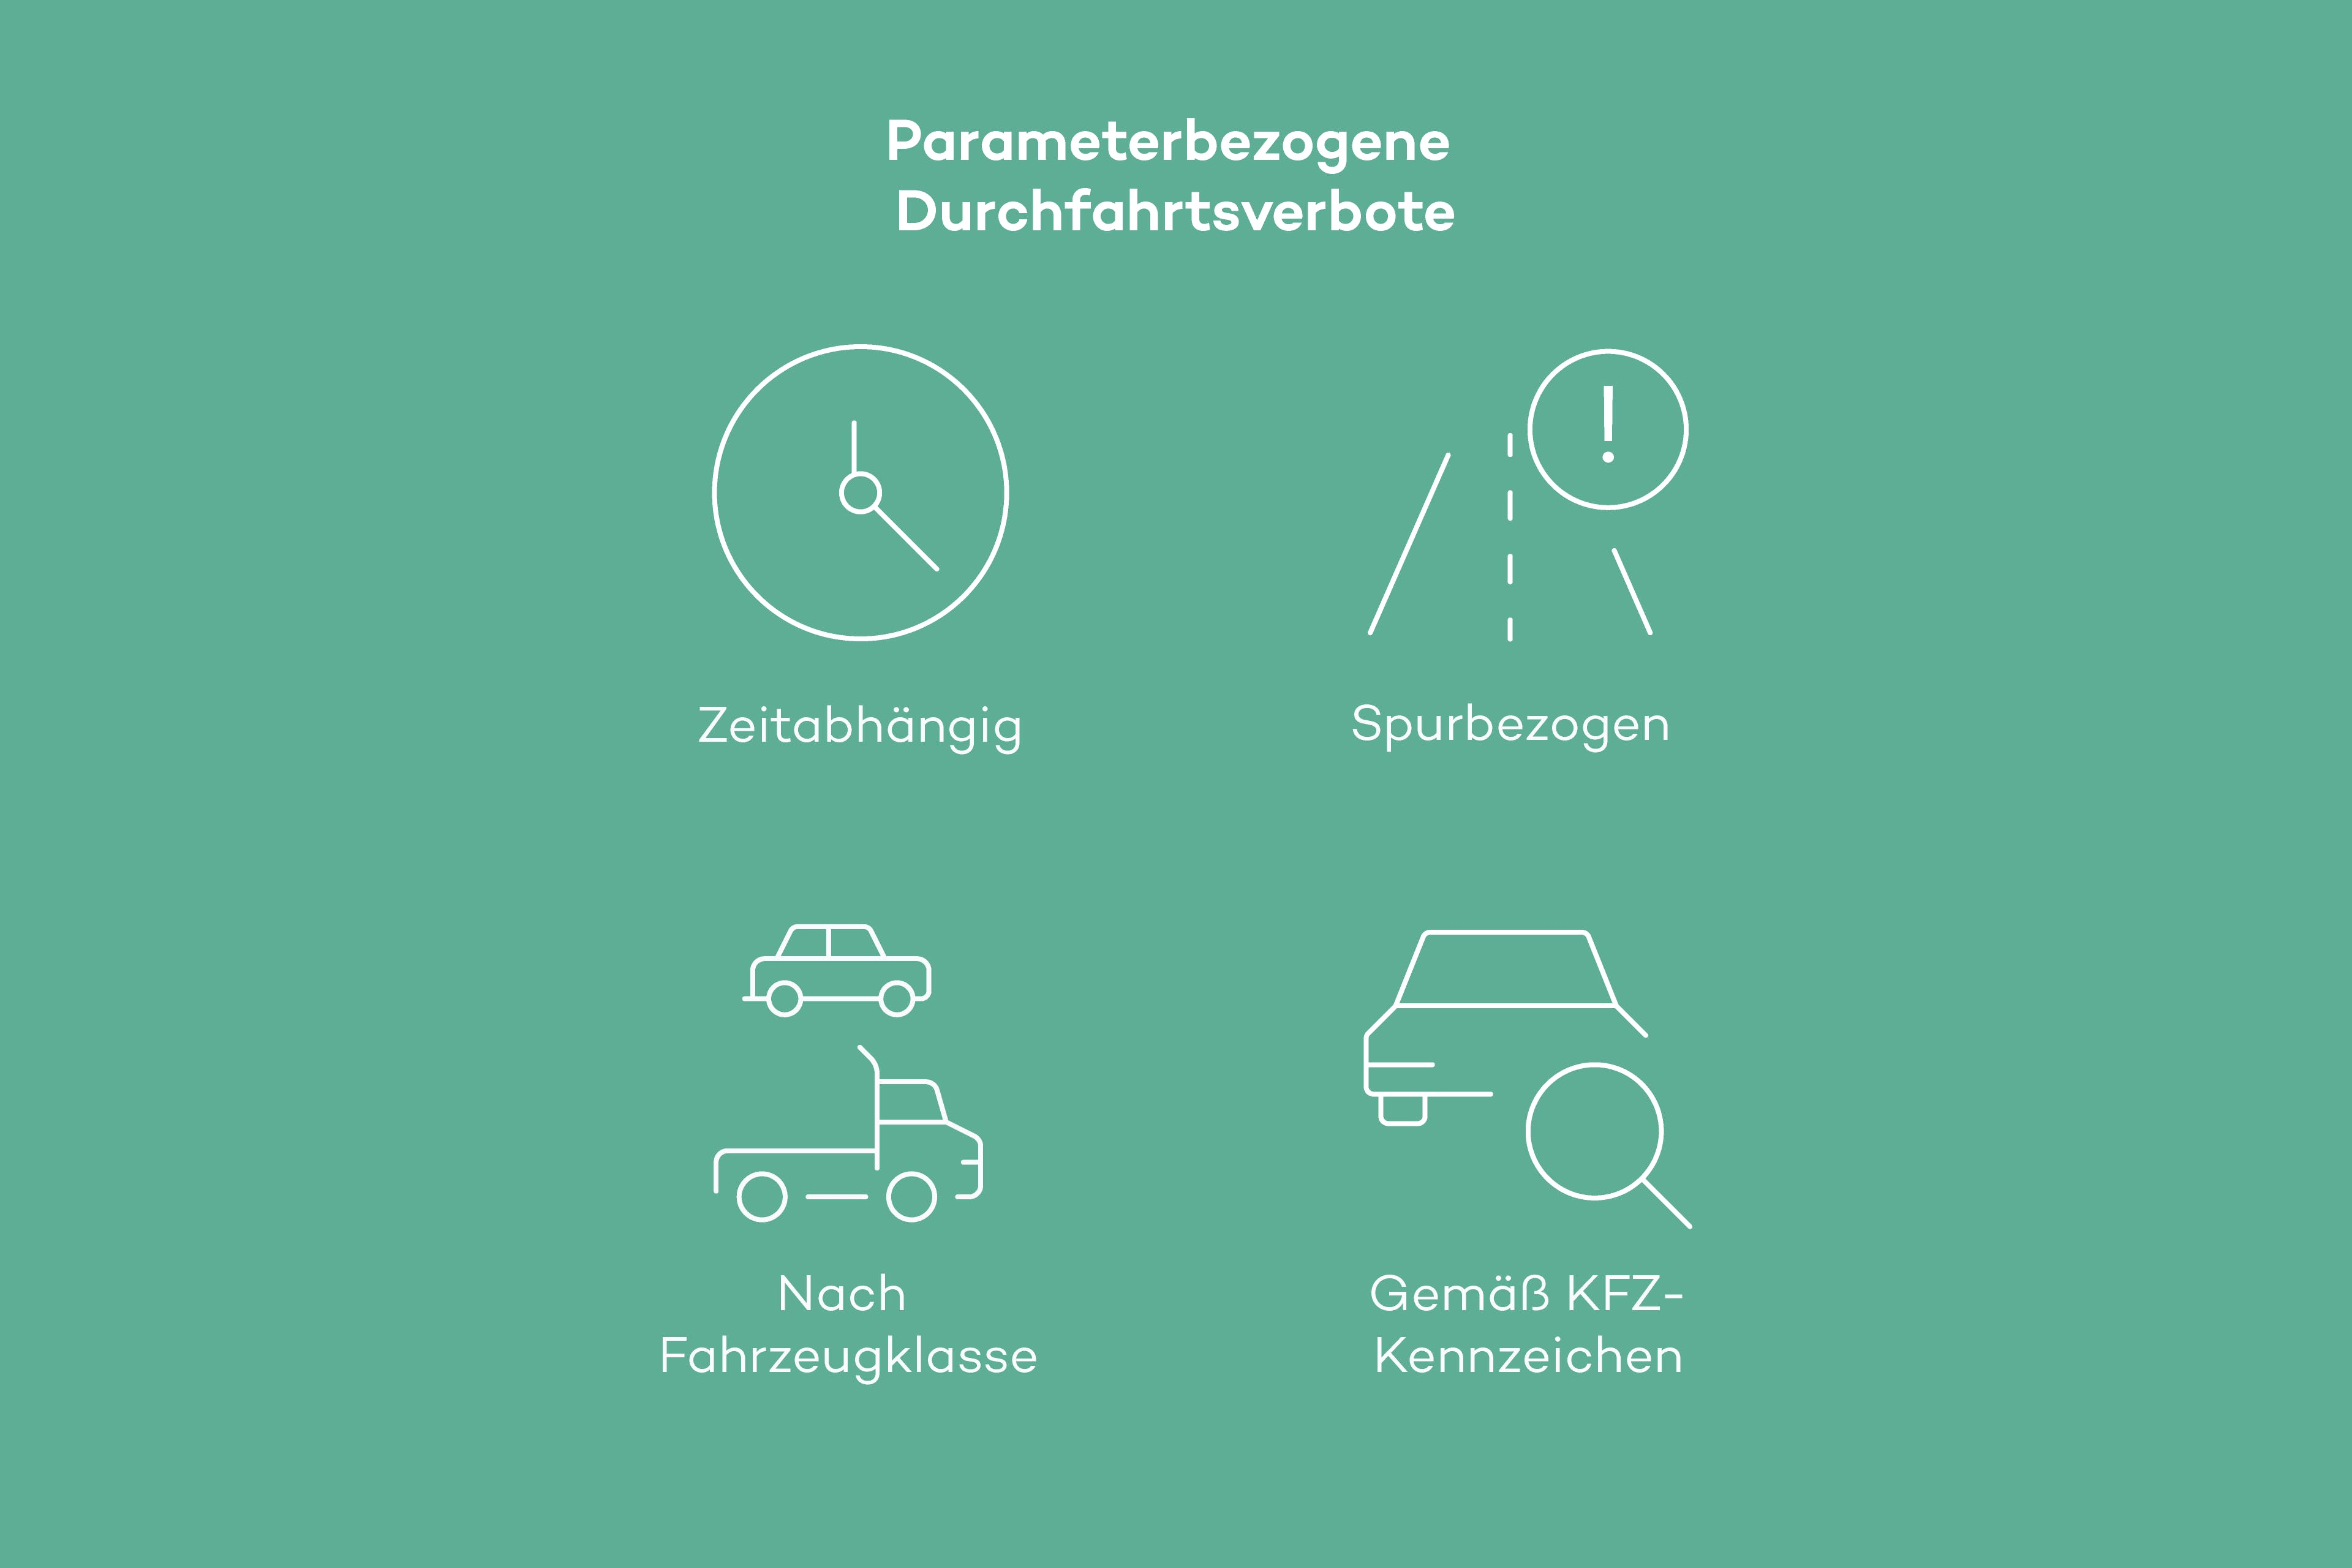 Viele Einsatzmöglichkeiten zur Überwachung von Durchfahrtsbeschränkungen